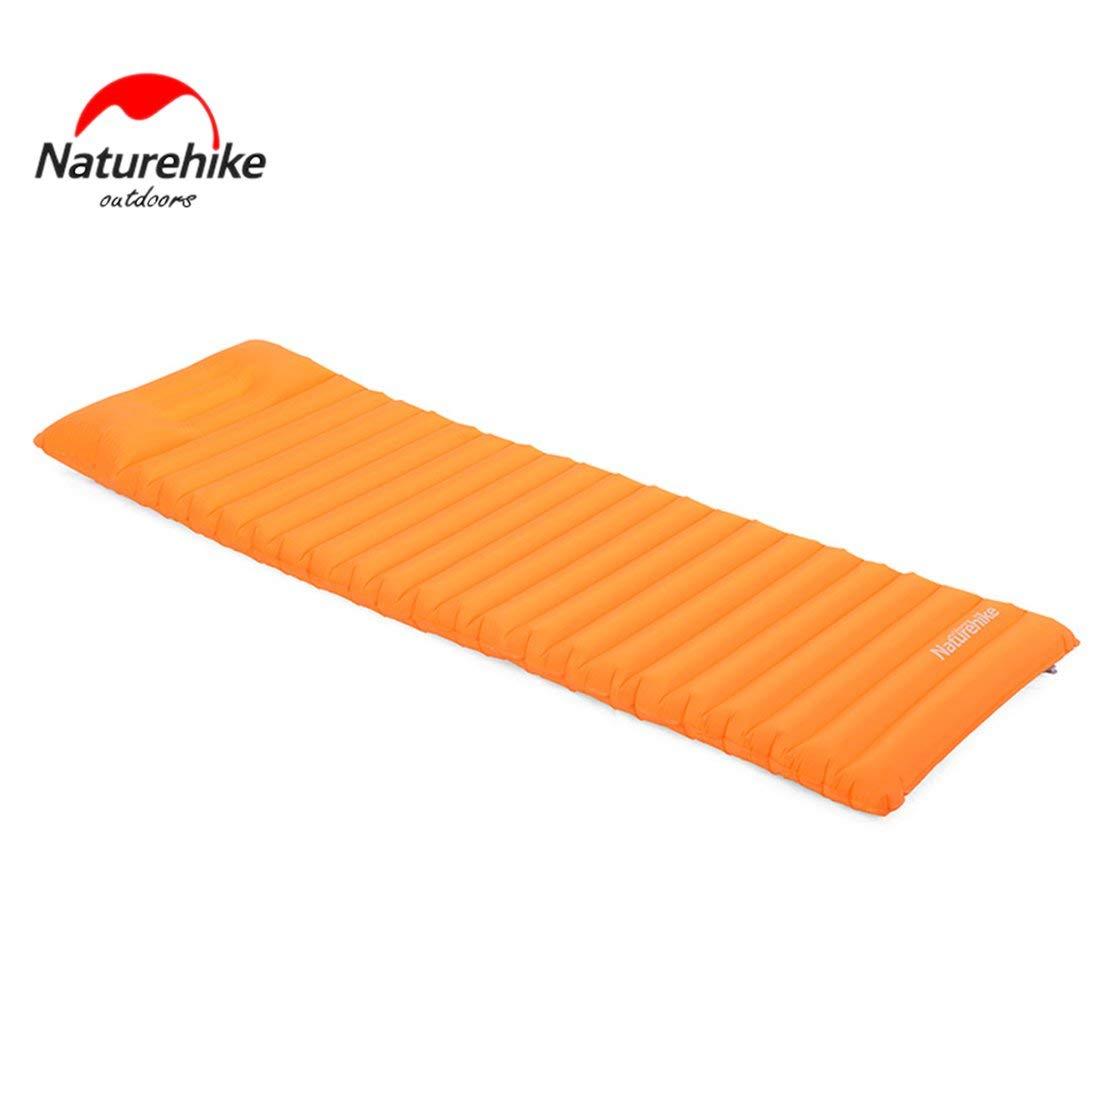 Formulaone Naturehike Ultraleichtes Außenluftmatratze feuchtigkeitsfestes aufblasbares Matten-Kissen mit Camping-Zelt-kampierender Schlafenauflage TPU - Orange